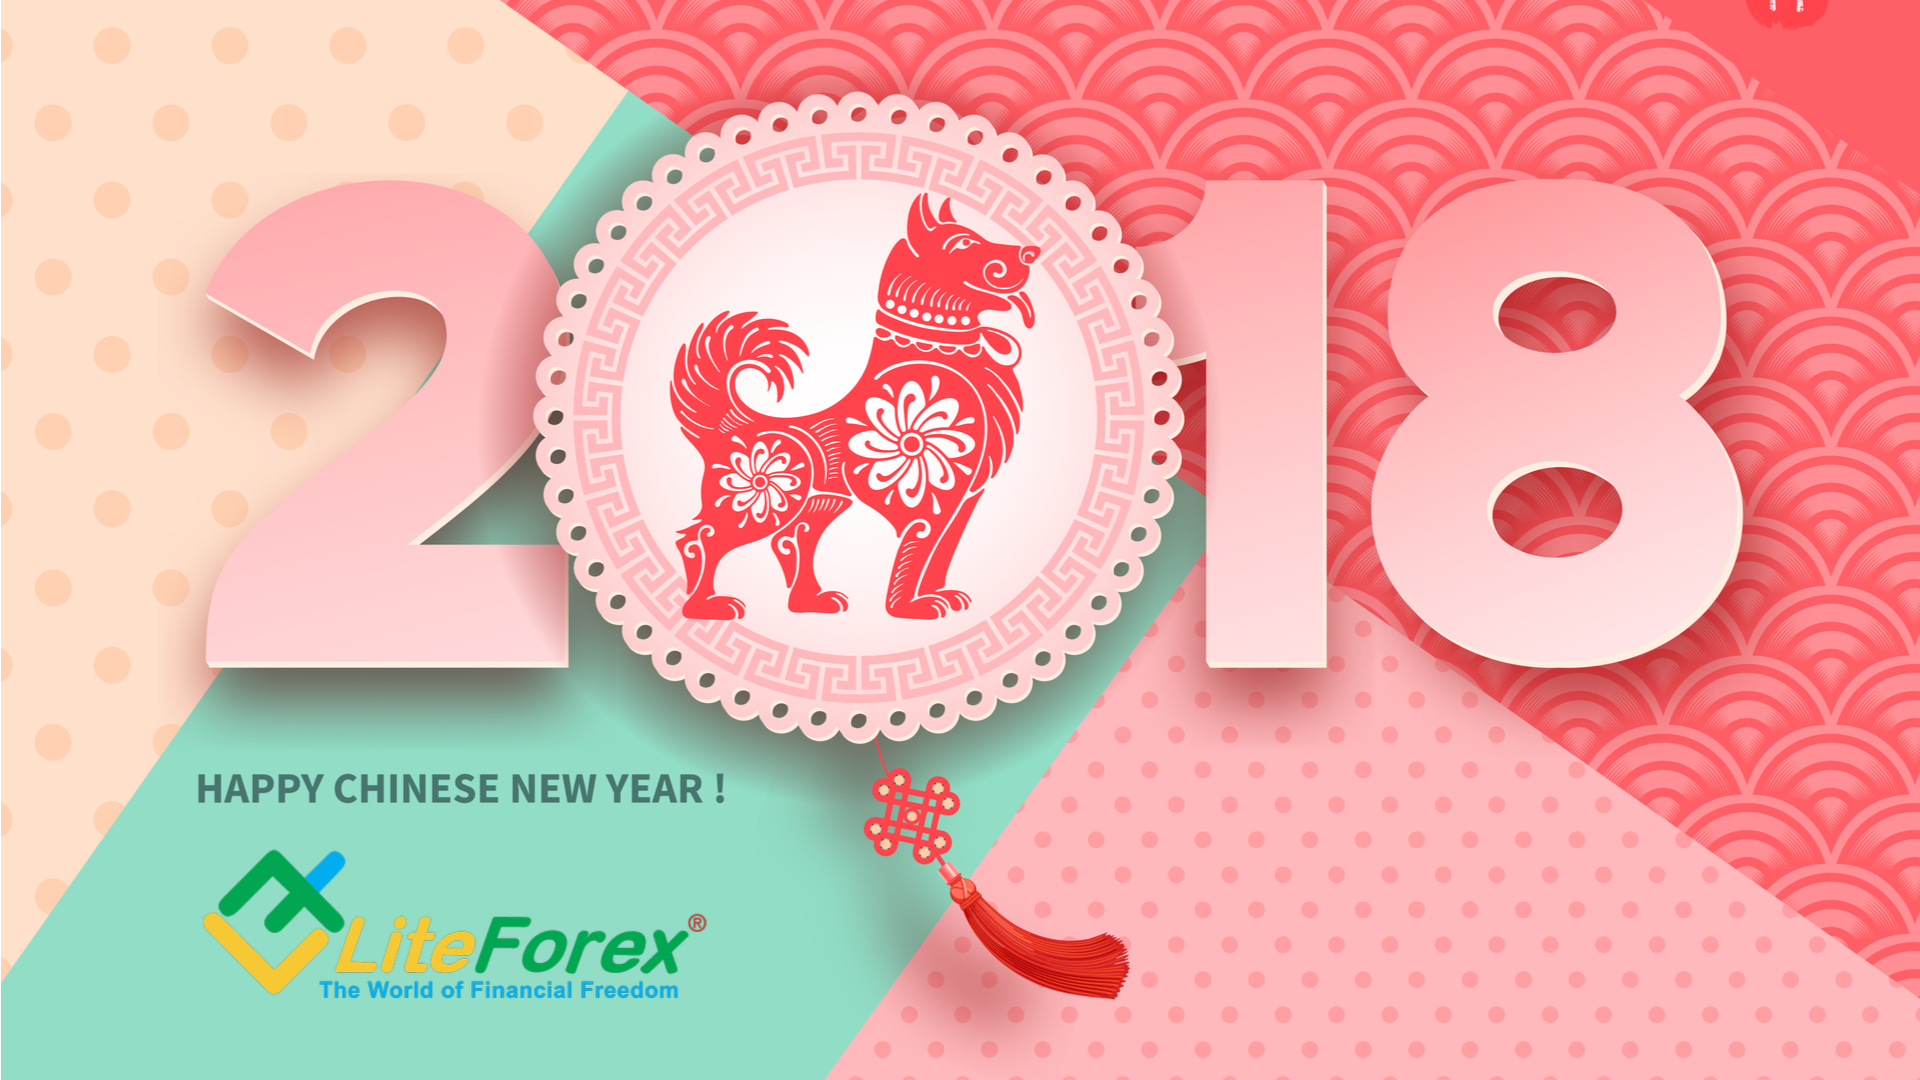 Cambiamenti nel programma di trading in occasione del Capodanno cinese 2018